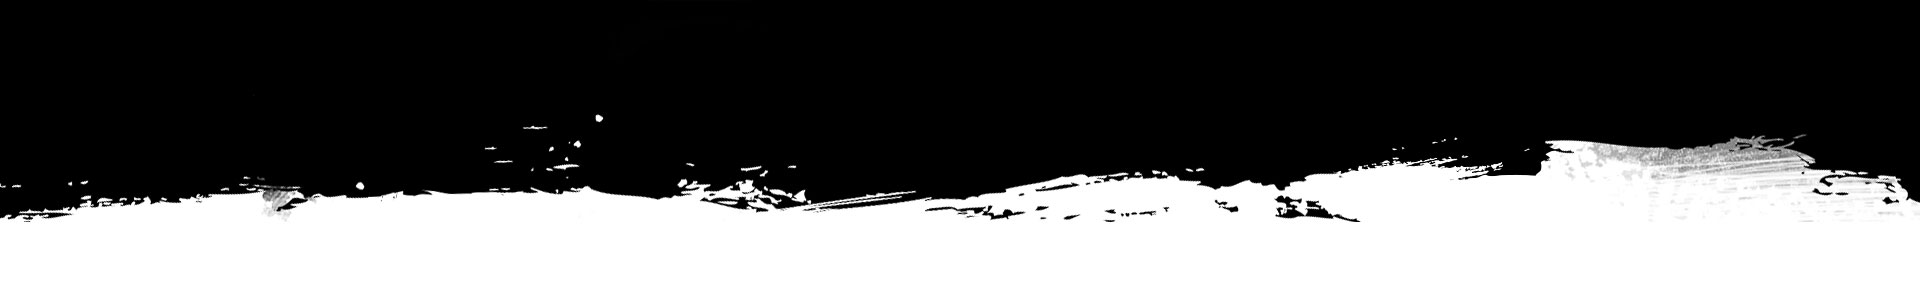 CrossfireX-Verpackung mit schwarzem Hintergrund und weißen Pinselstrichen am unteren Rand